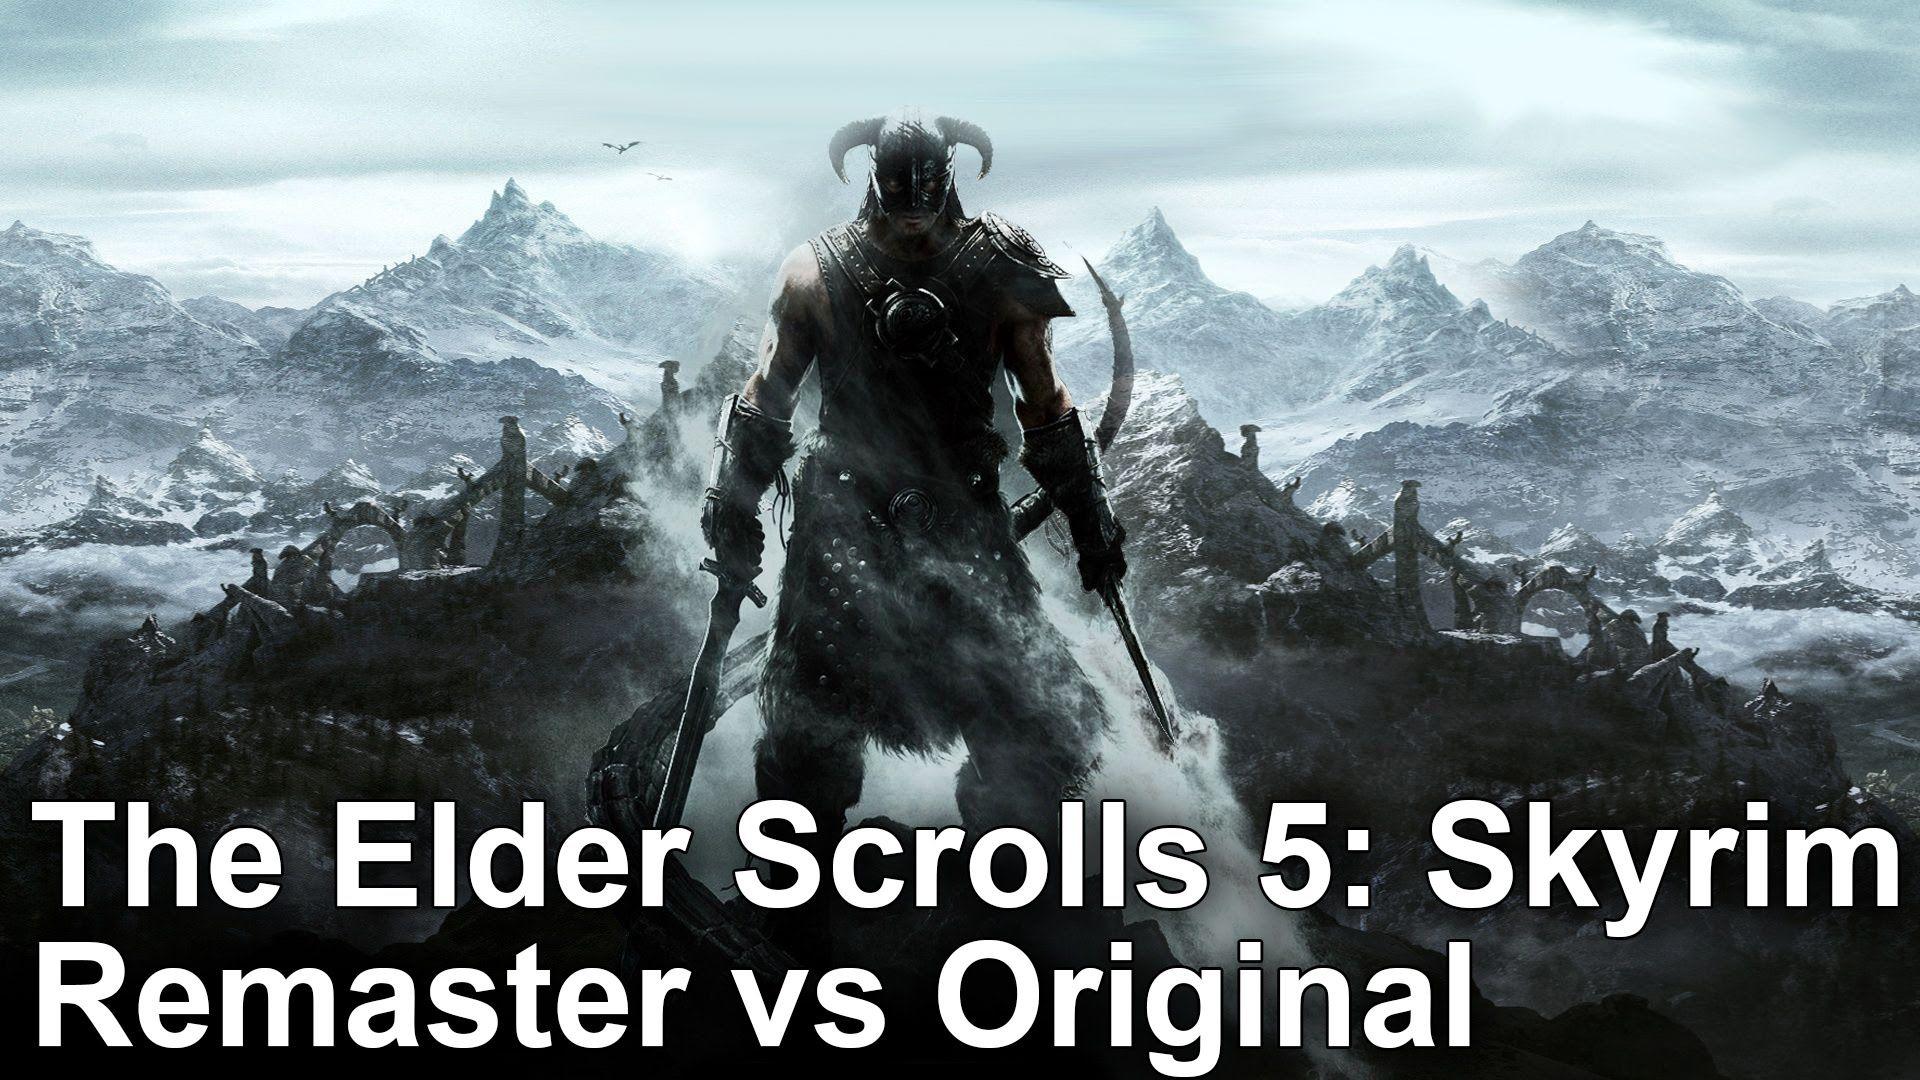 The Elder Scrolls 5: Skyrim Special Edition vs Original